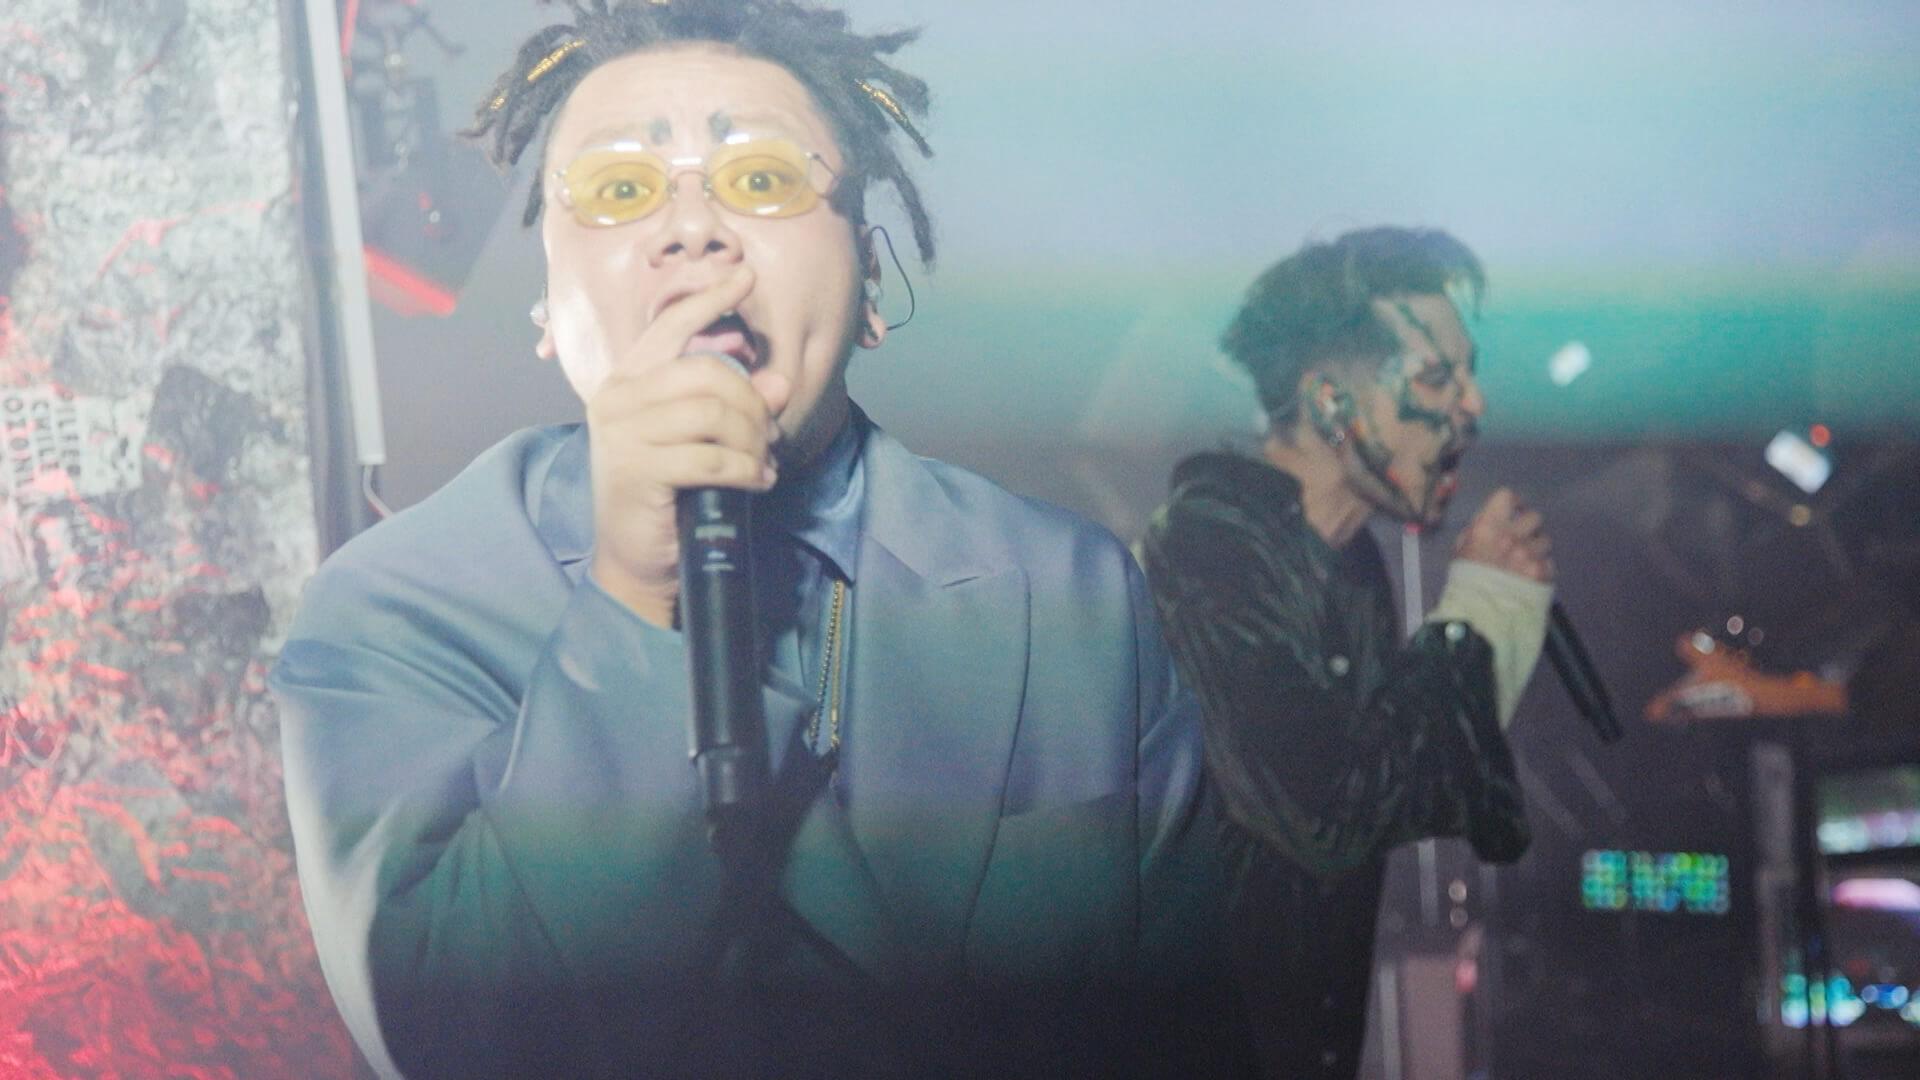 """『竜とそばかすの姫』主題歌""""U""""が話題のmillennium paradeによる<Splendour XR>でのライブ映像が公開中! music210726_millenniumparade_6"""